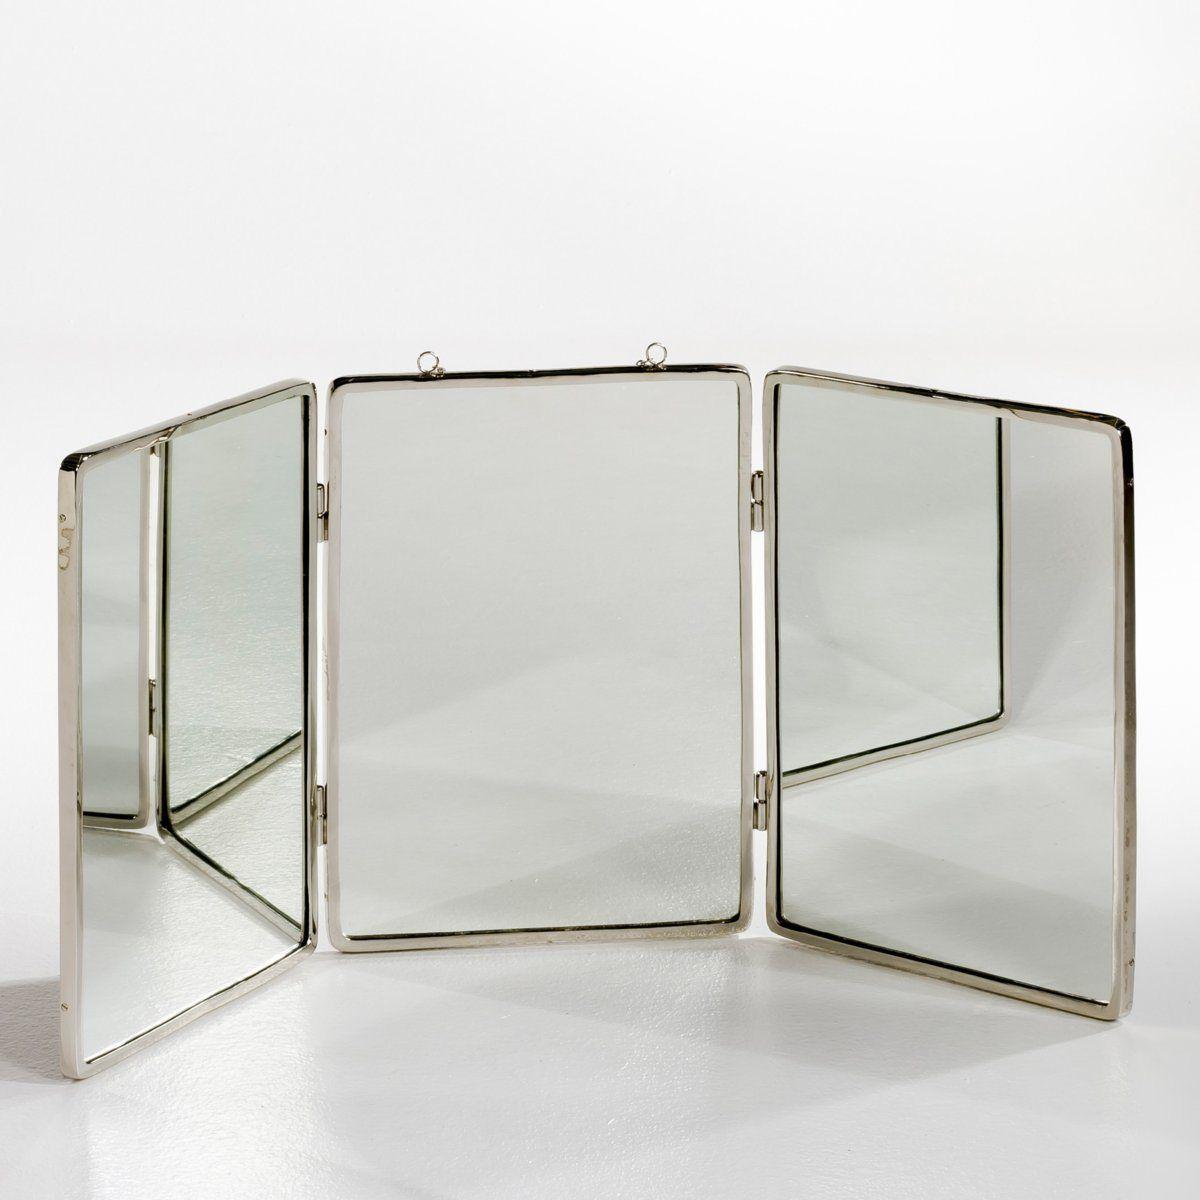 Miroir petit mod¨le L55 x H27 cm Barbier